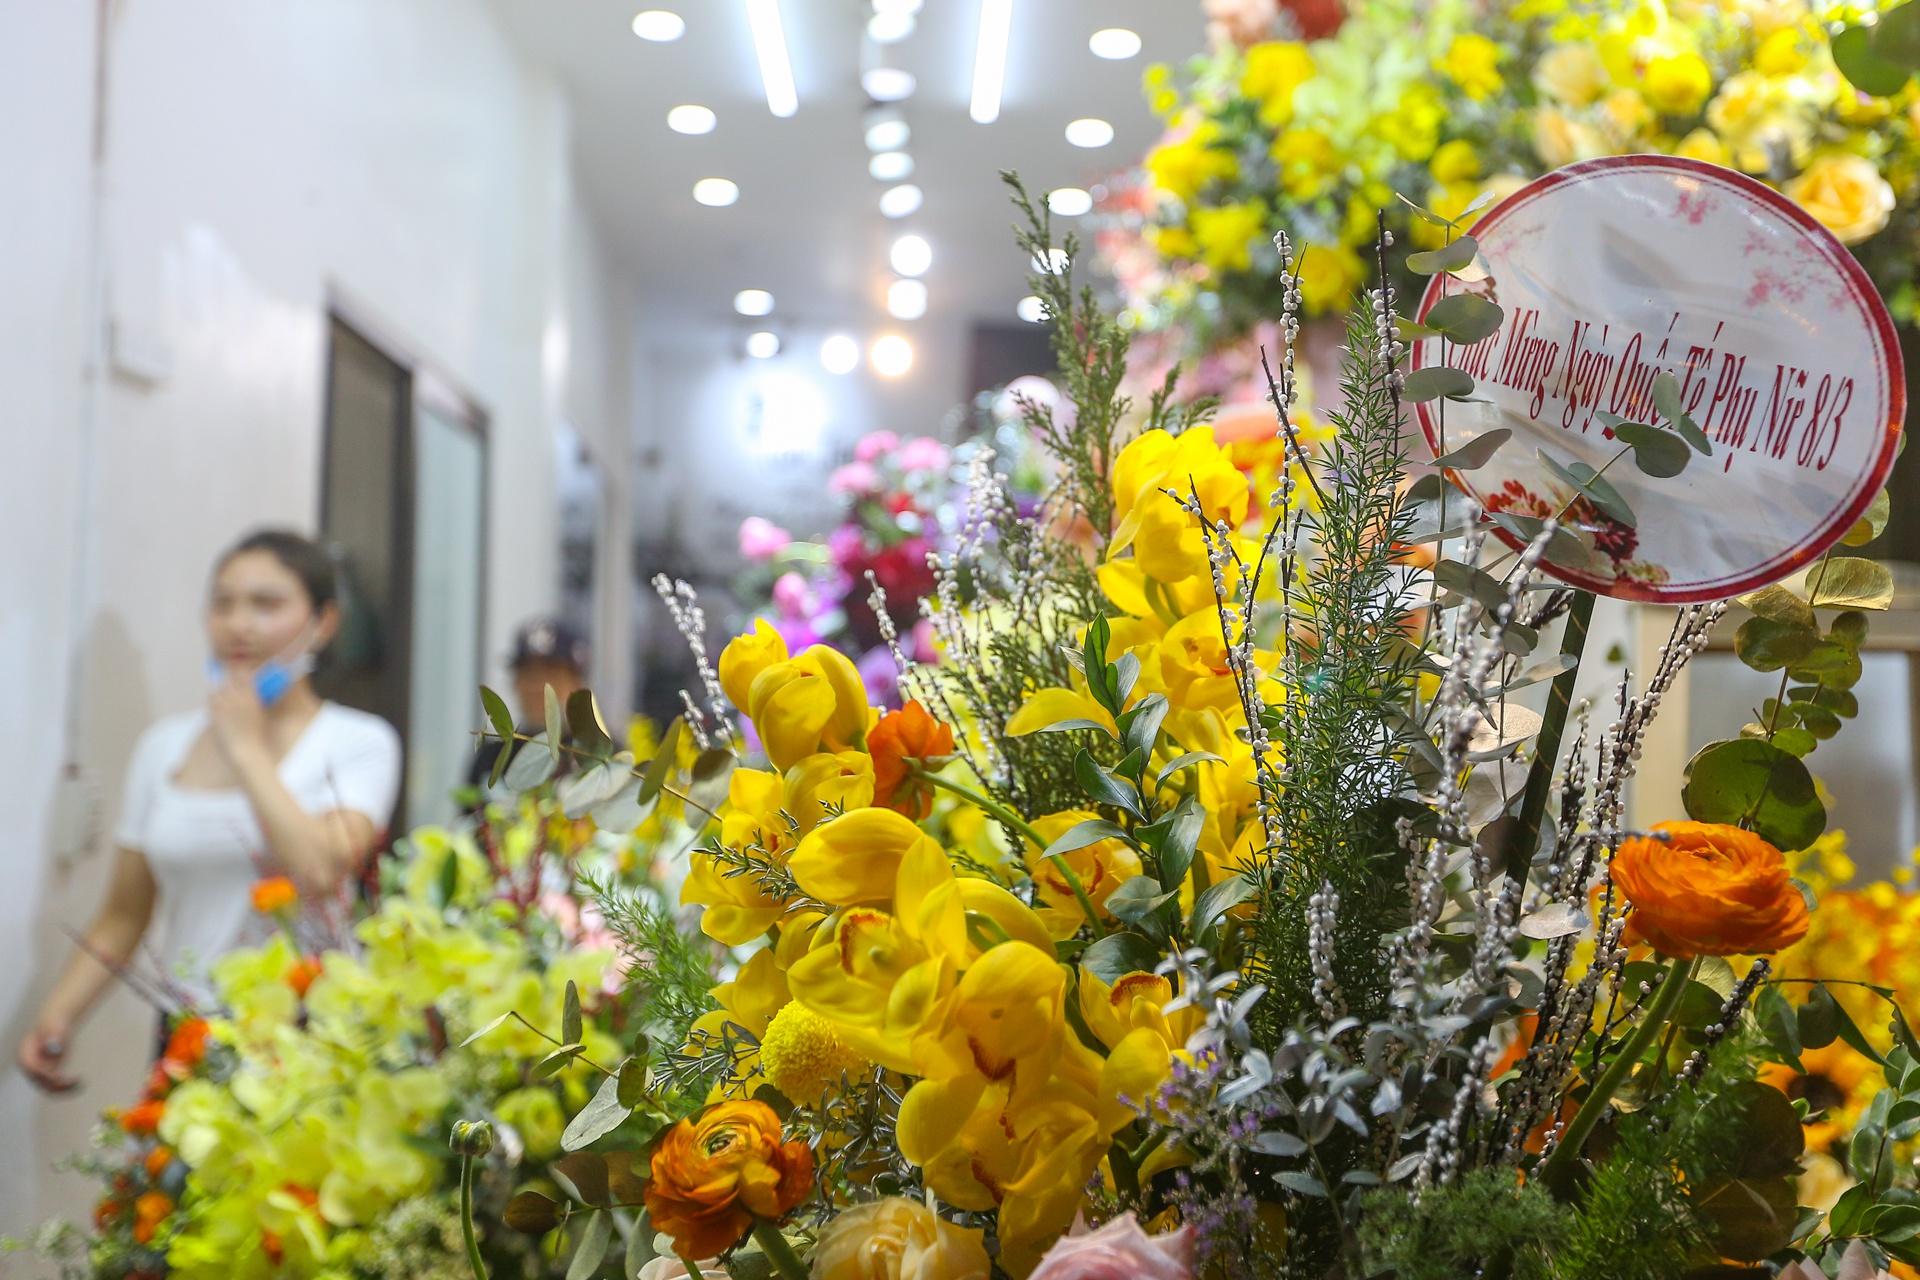 Hoa mạ vàng tiền triệu ngập tràn thị trường quà tặng ngày 8/3 - Ảnh 11.